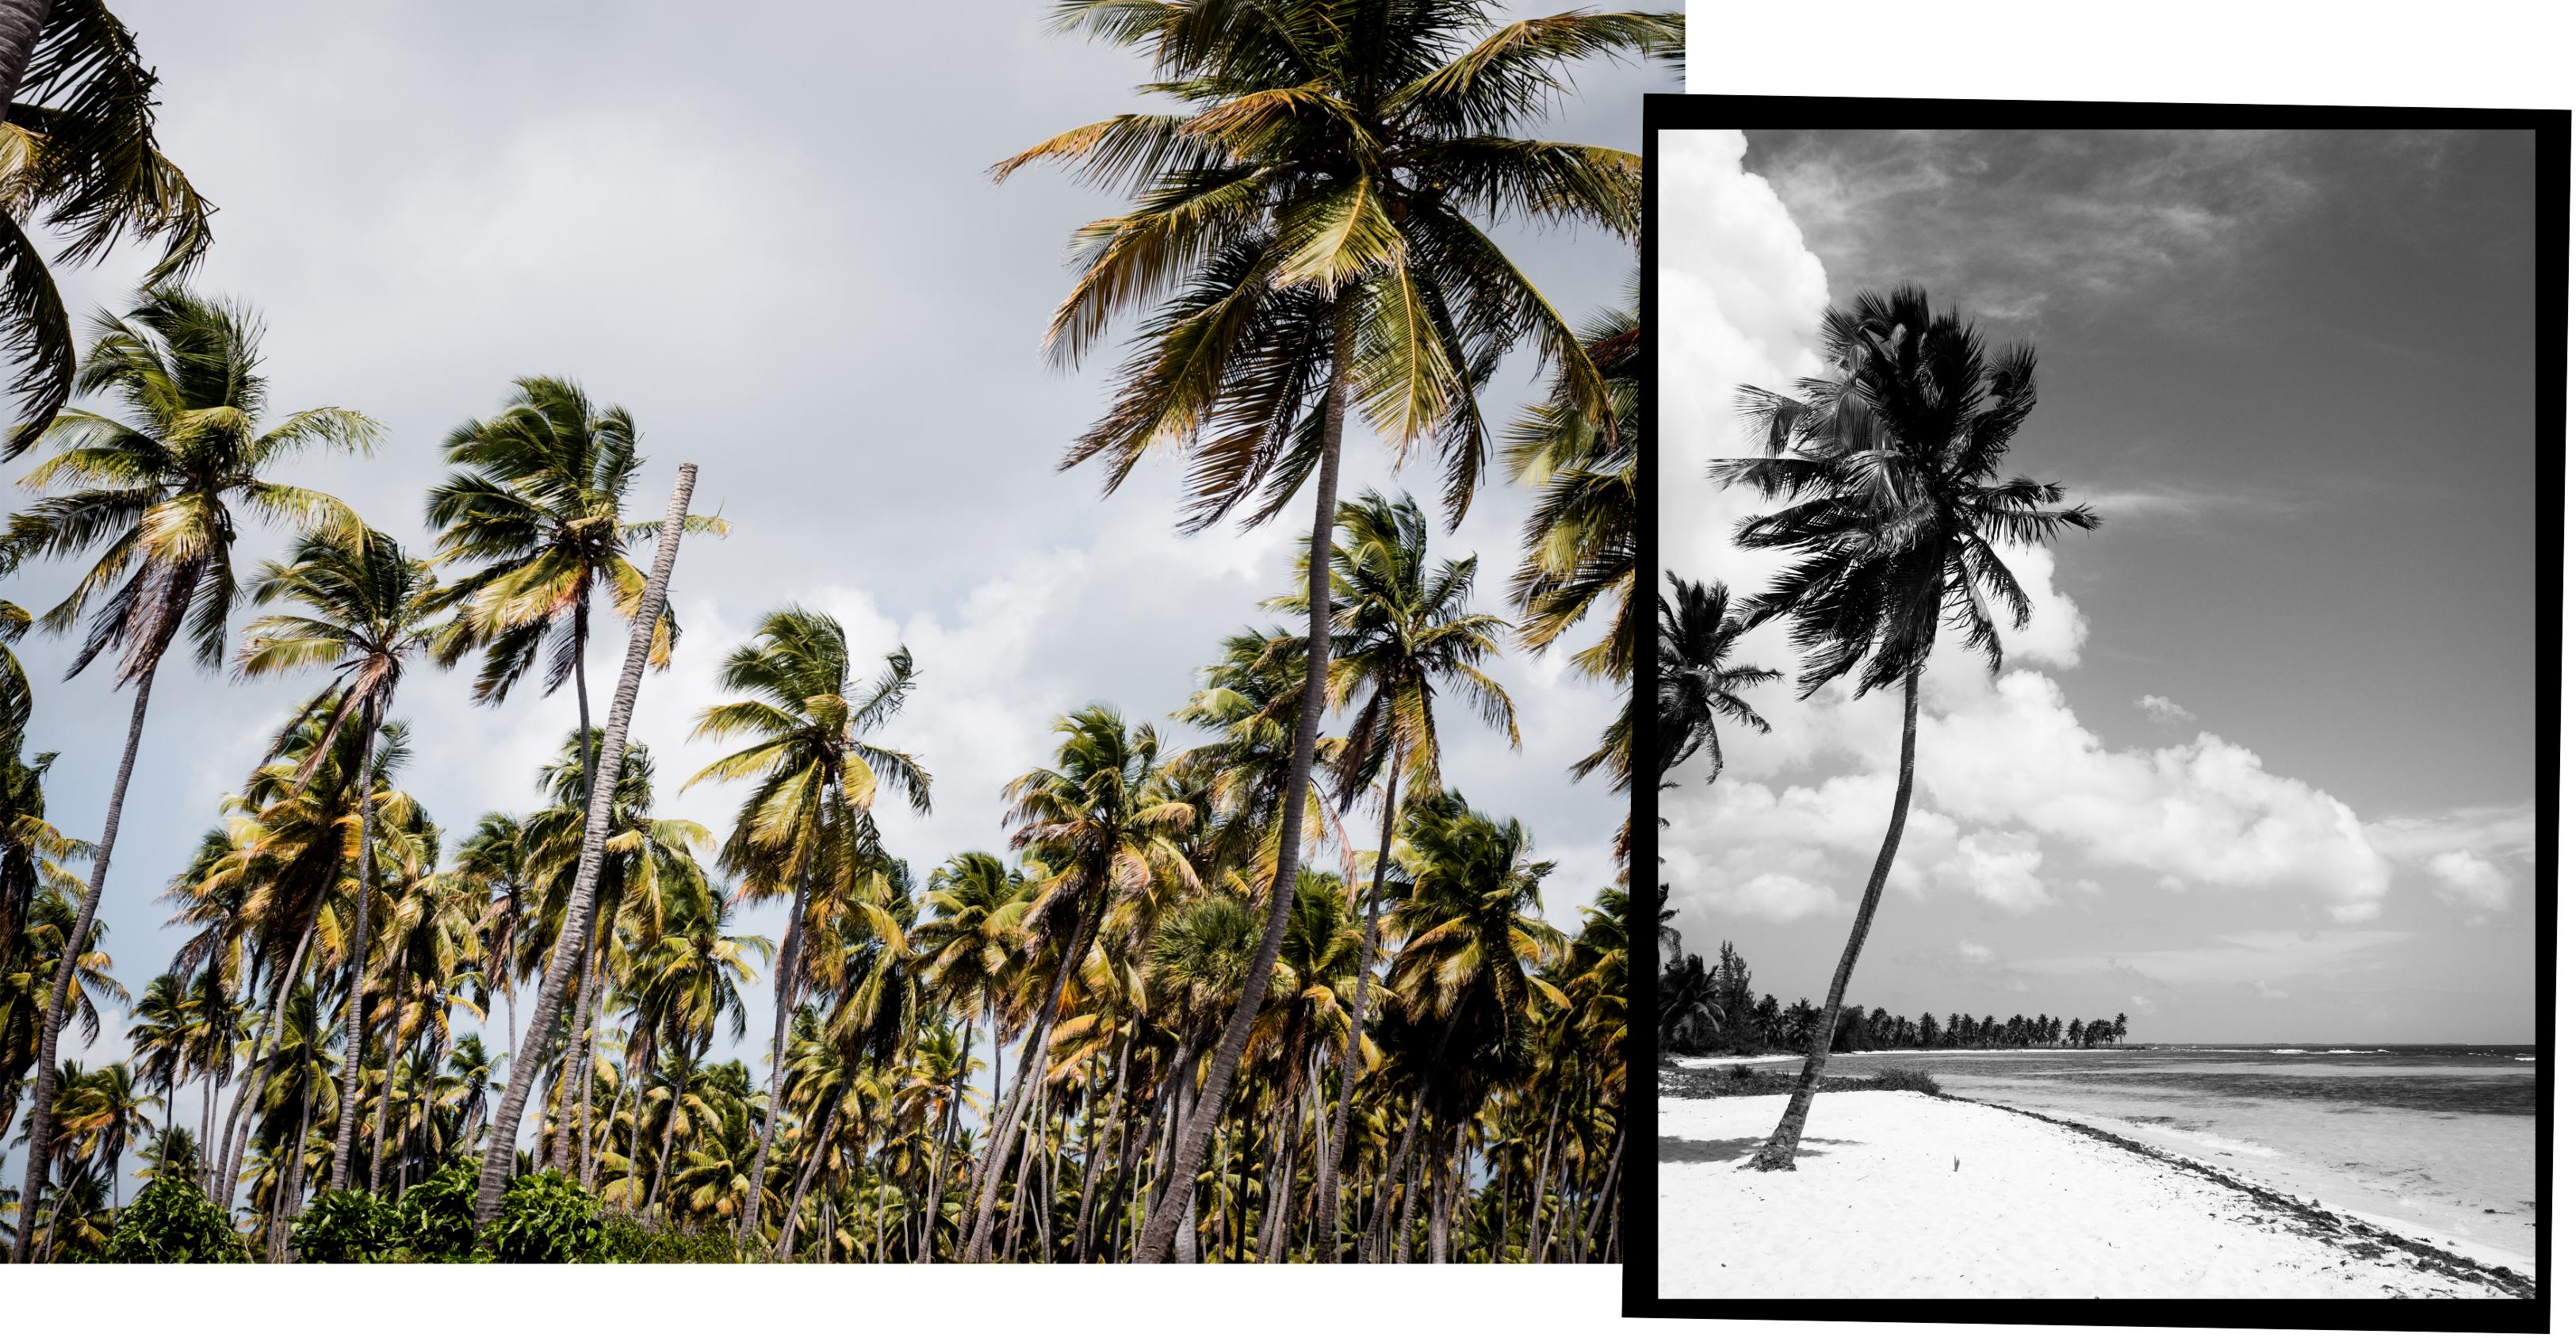 voyage caraibes-saona republique dominicaine - excursion en bateau à saona- plages paradisiaques- caraïbes